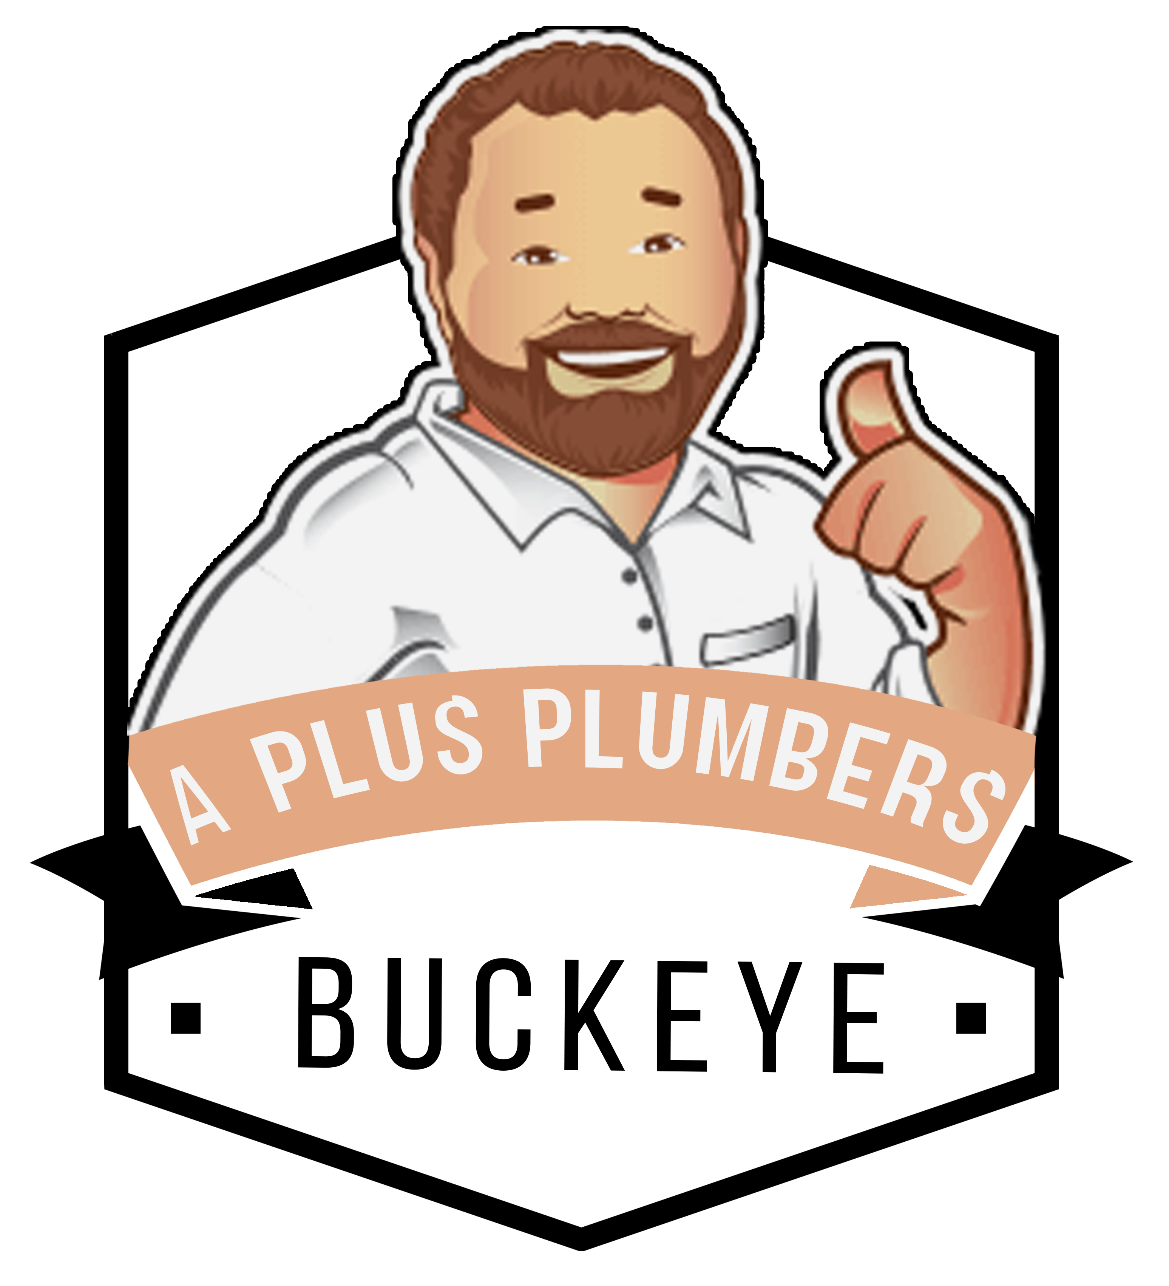 Looking For Plumbing Services In Buckeye Areas Plumber Buckeye